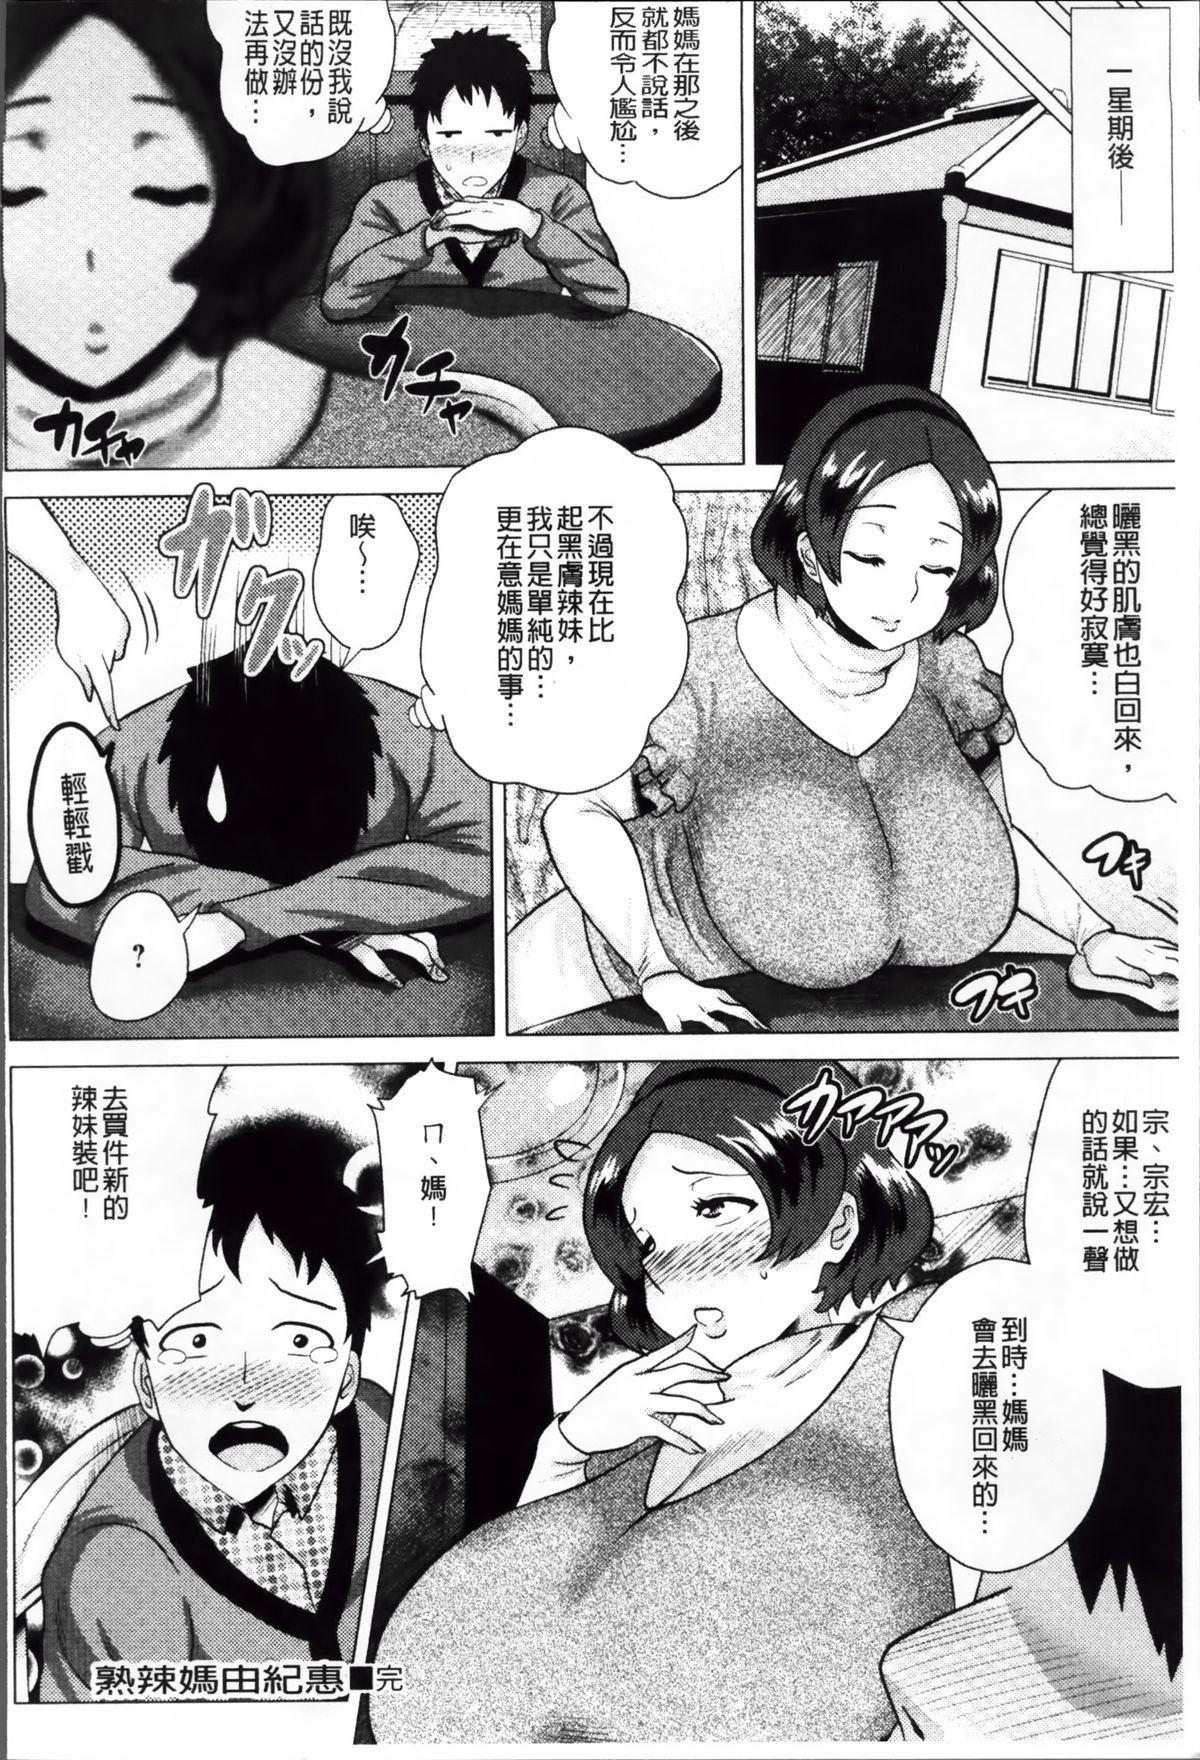 Megabody Night - Watashi no Oniku o Meshiagare 53